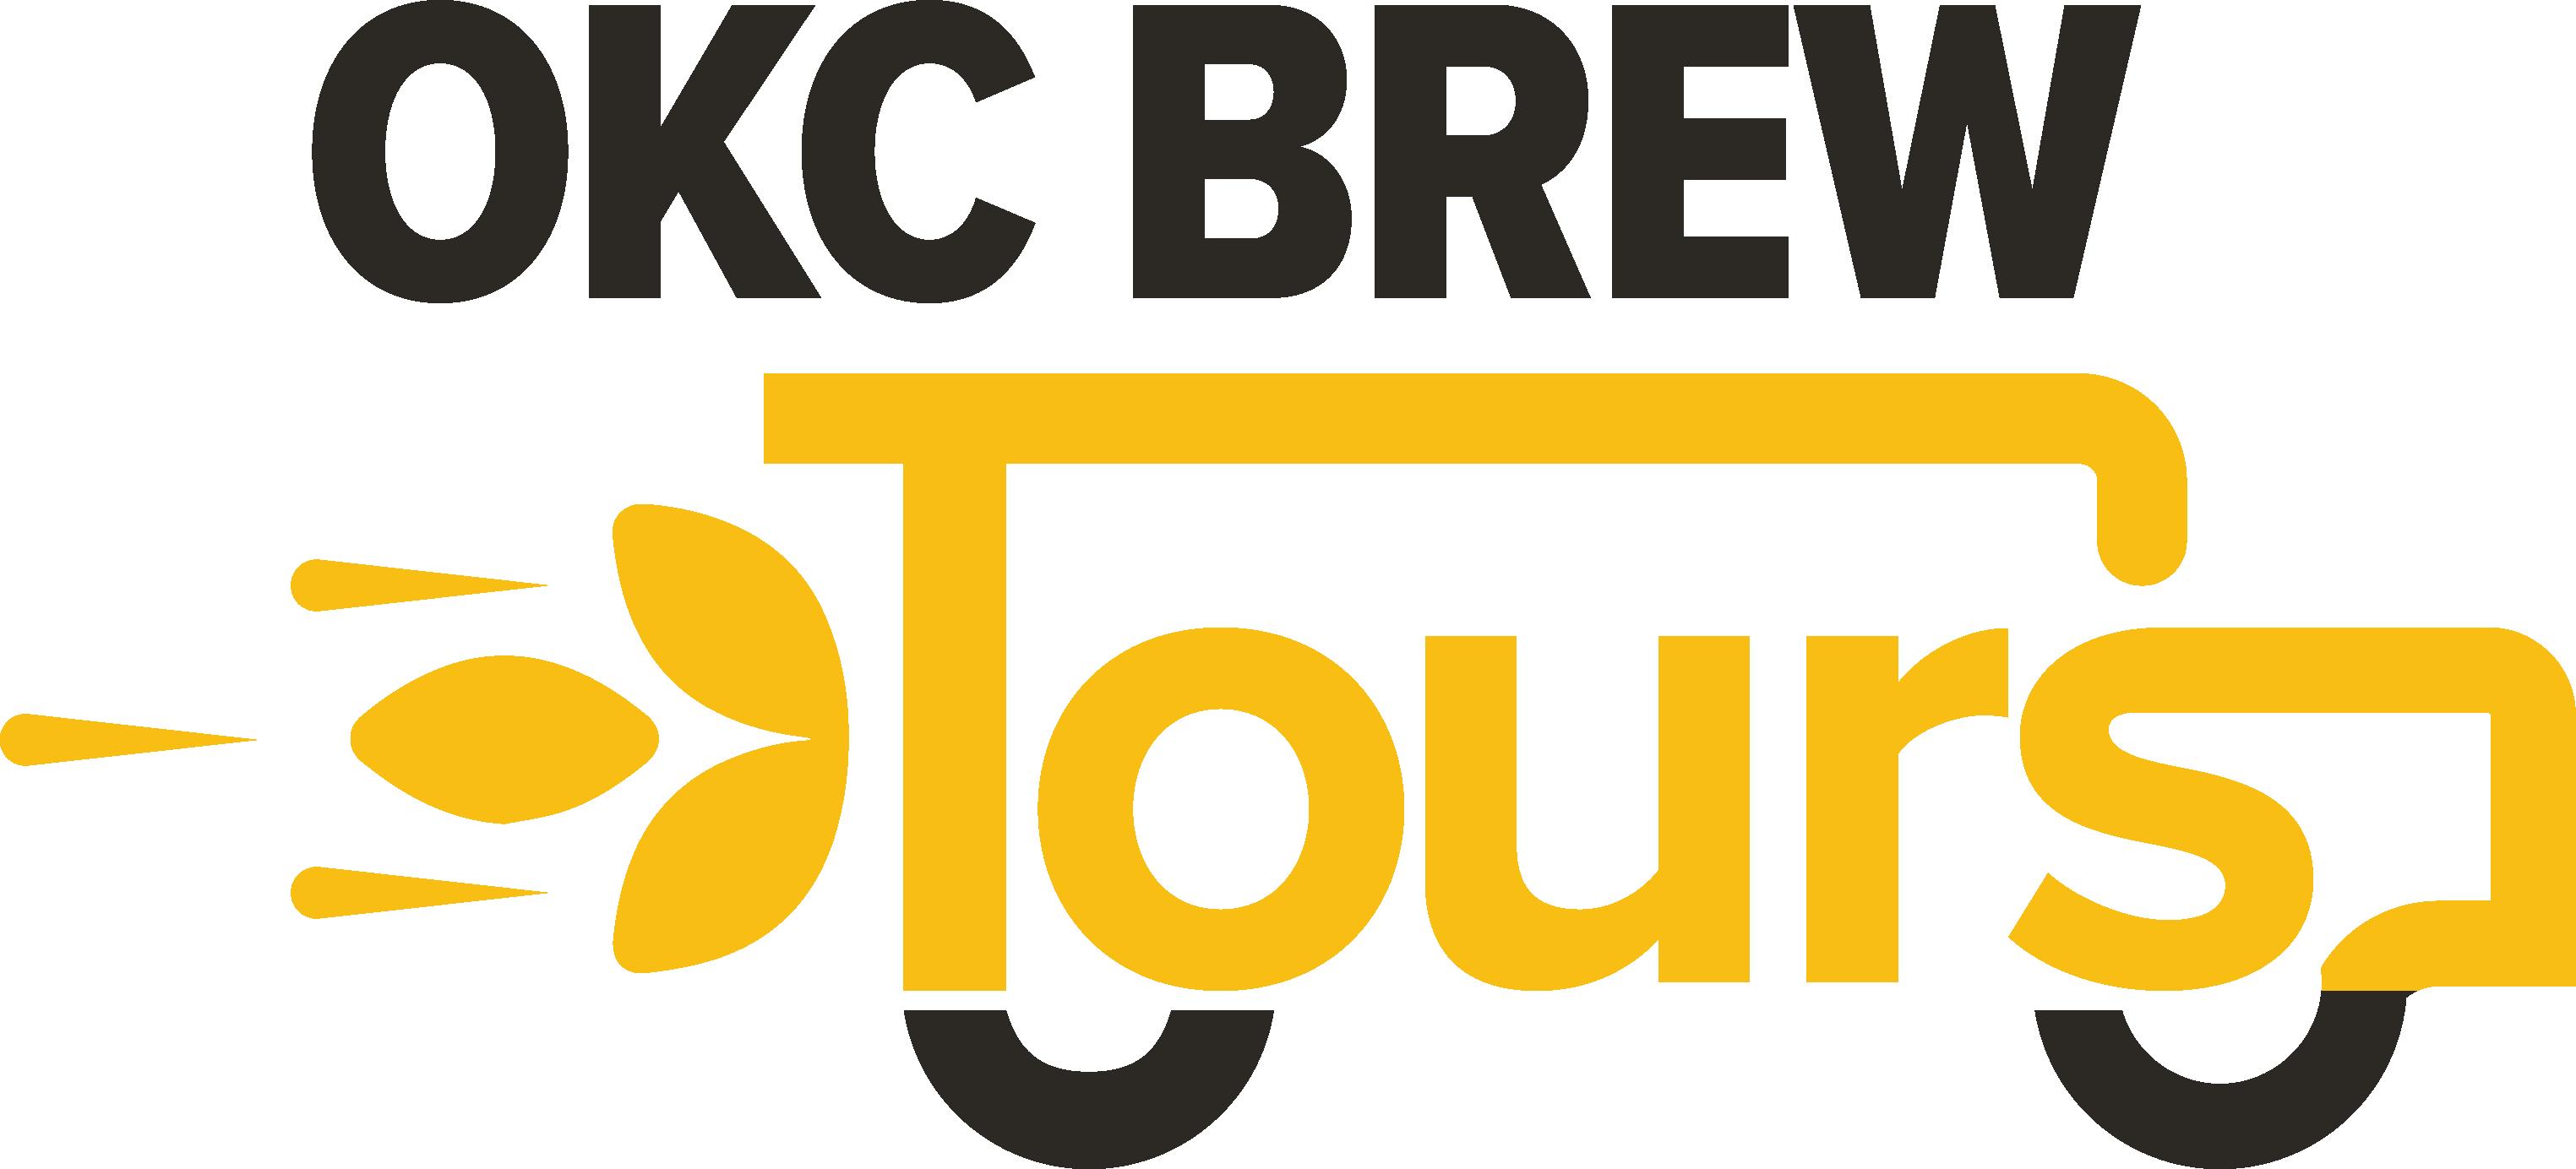 OKC Brew Tours Bachelorette Parties, Entertainment